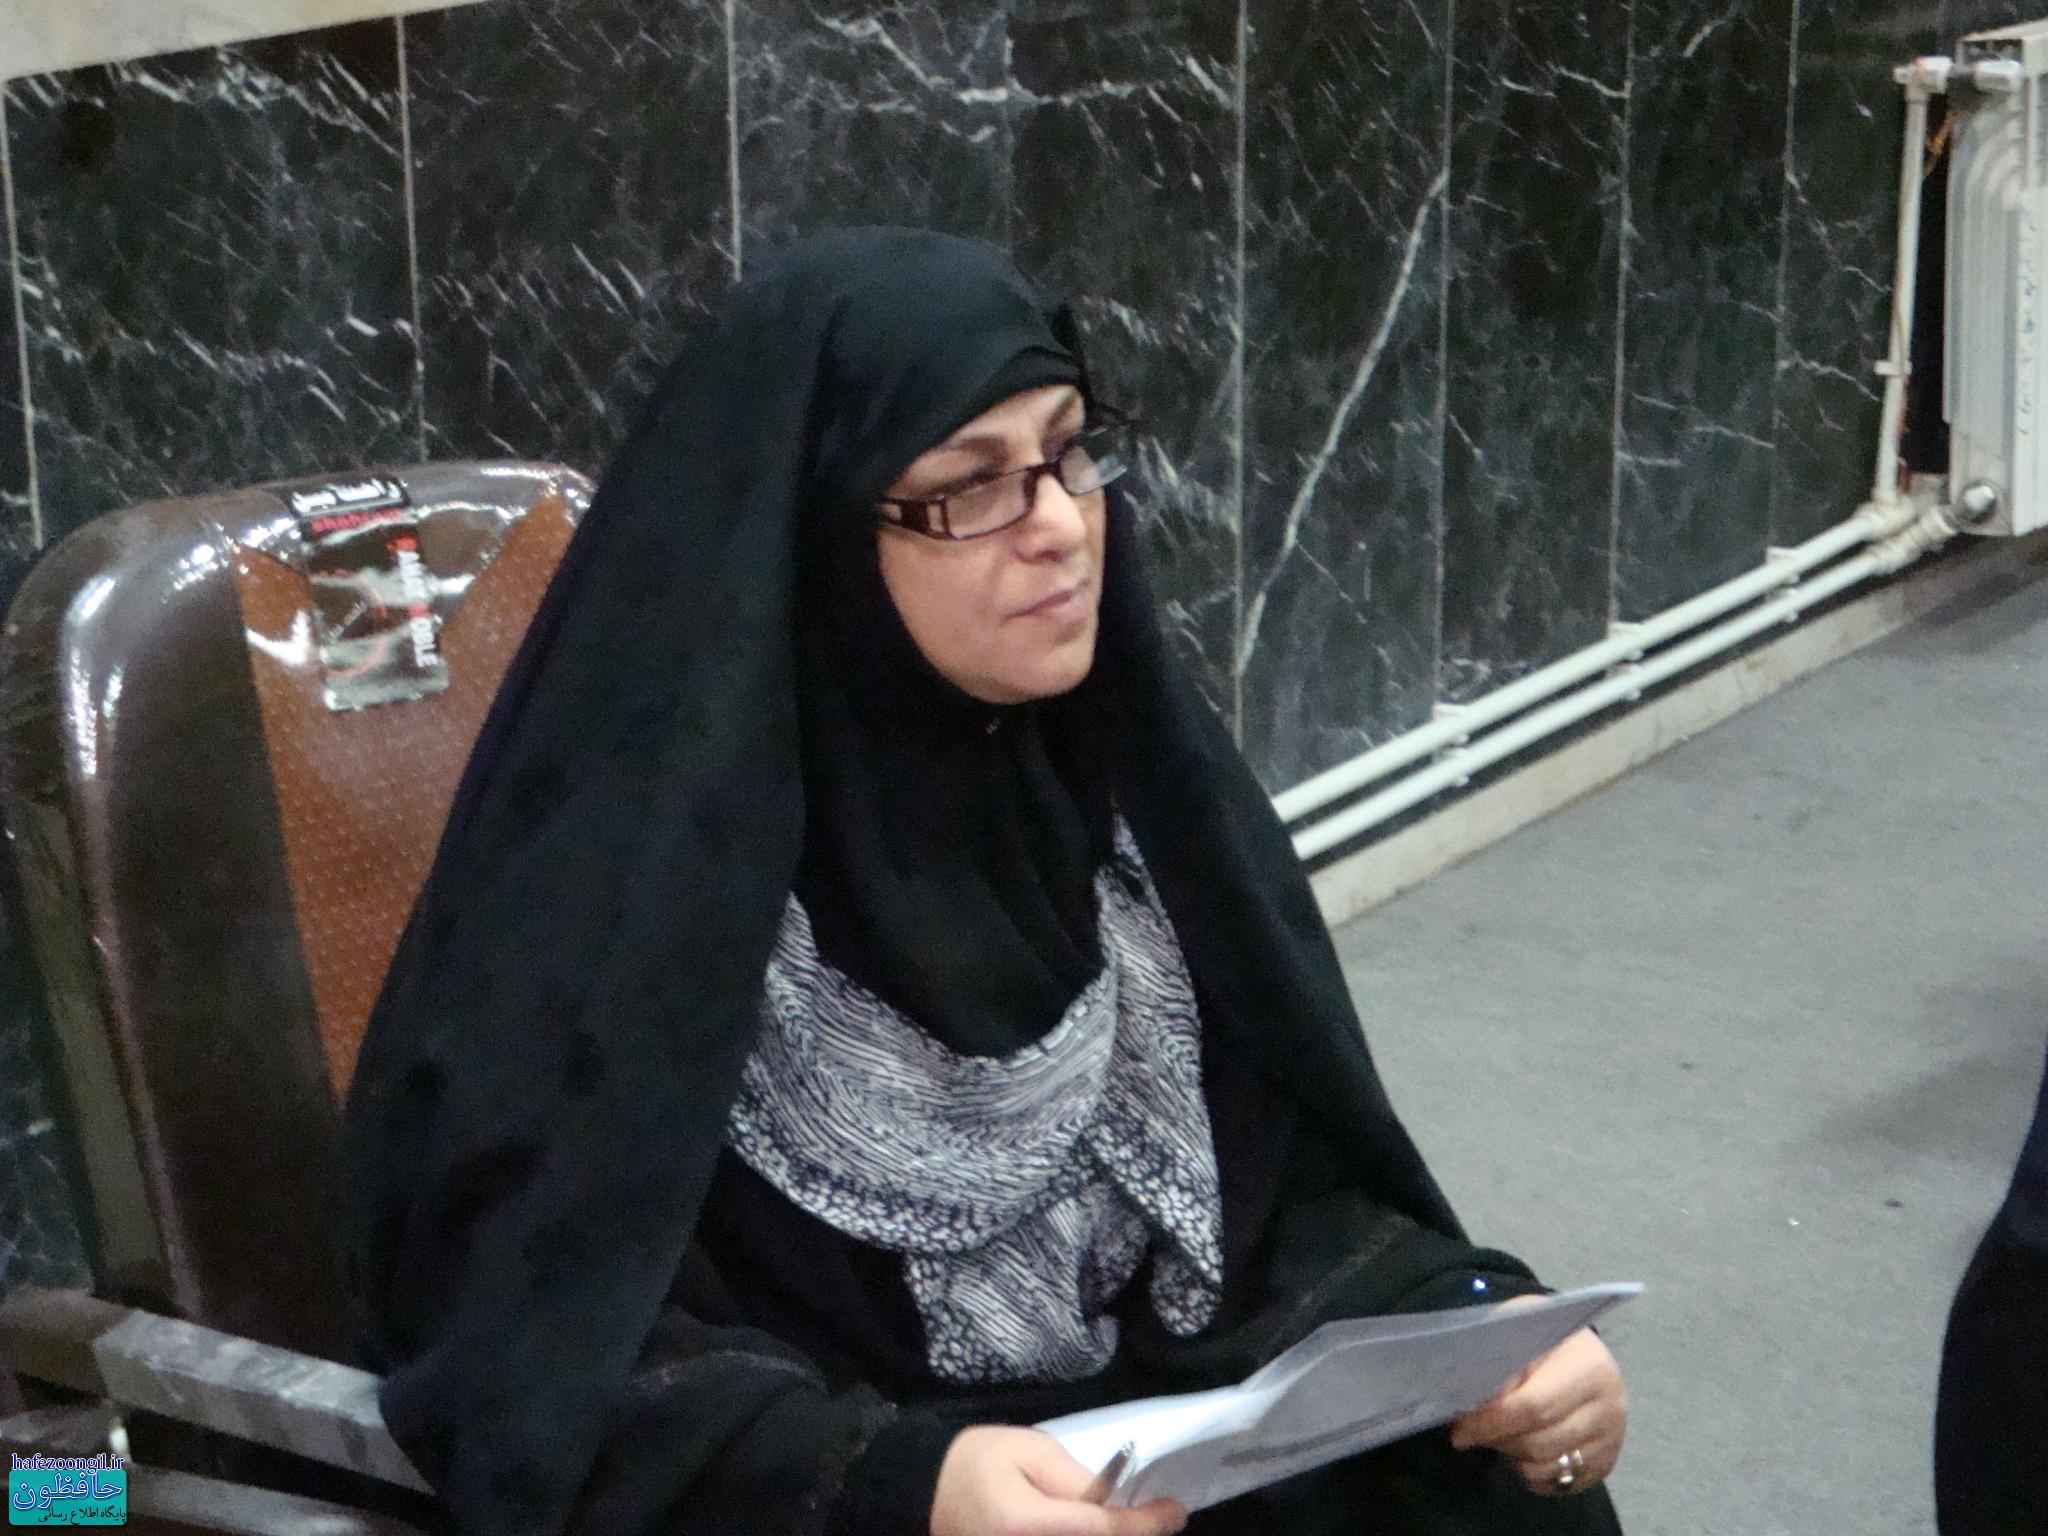 برگزاری محفل قرآنی بانوان به مناسبت میلاد دهه فجر و روز زن توسط موسسه مصباح الهدی لاهیجان